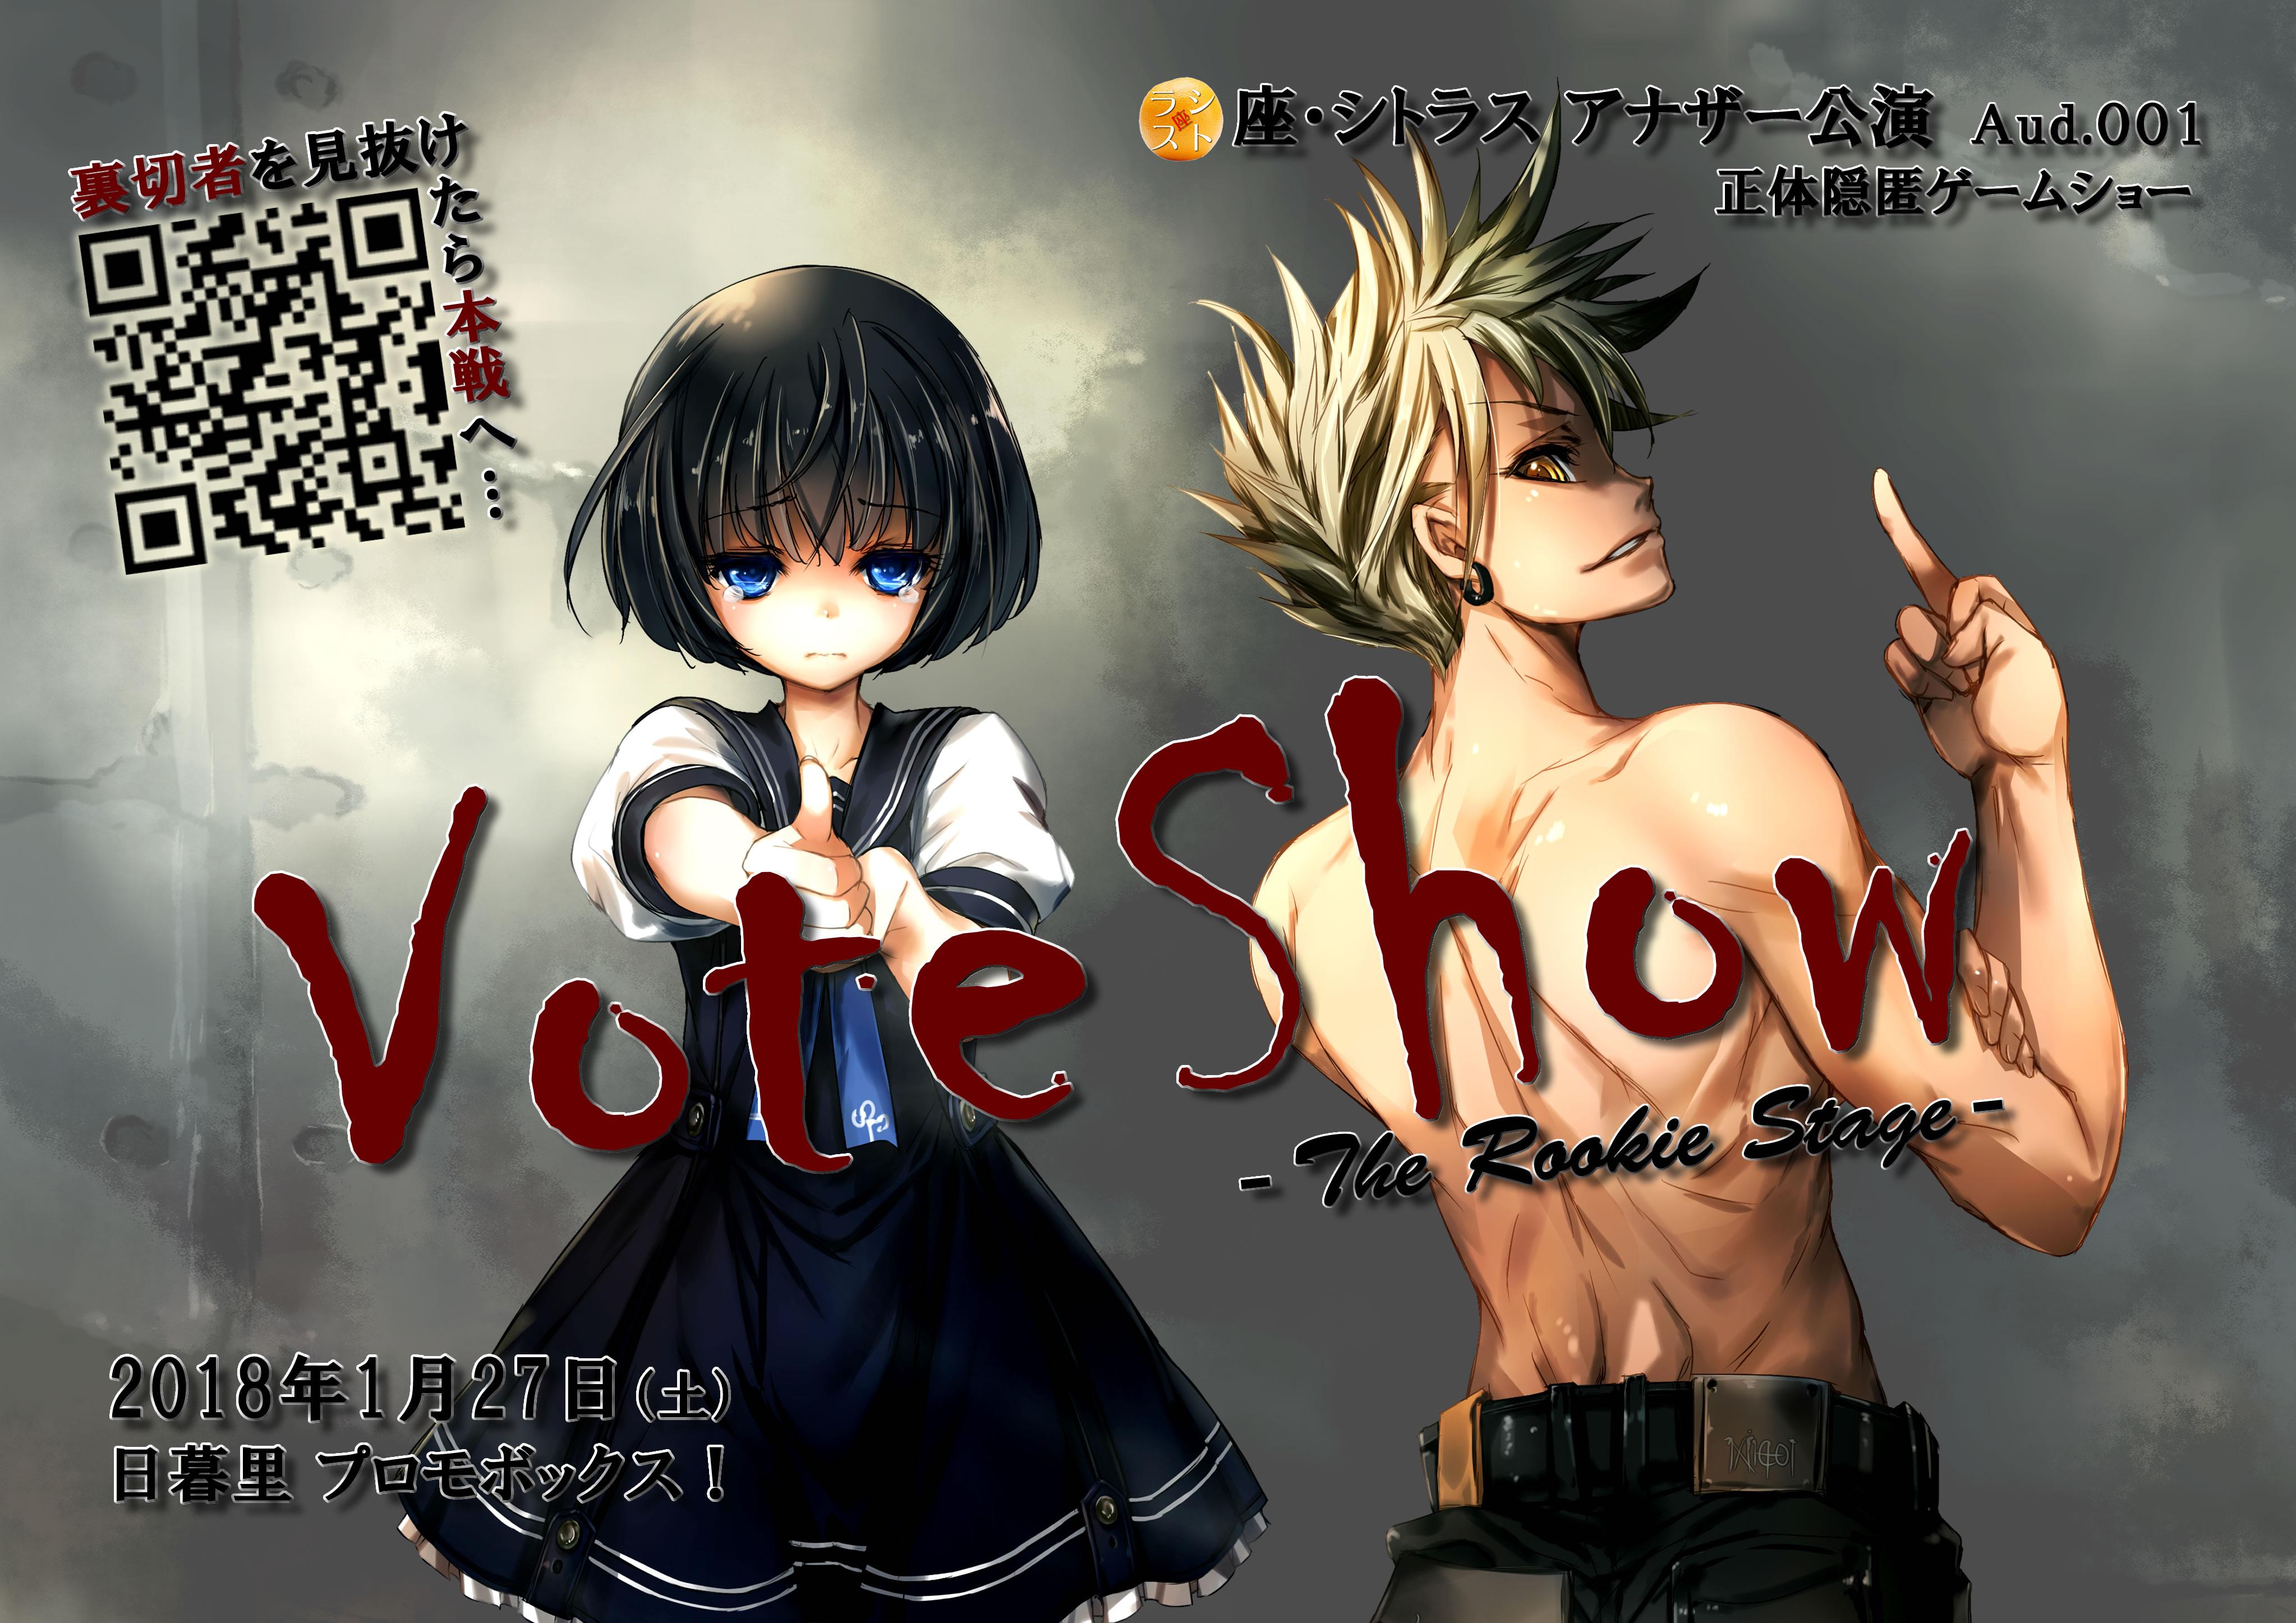 Vote Show Rookie